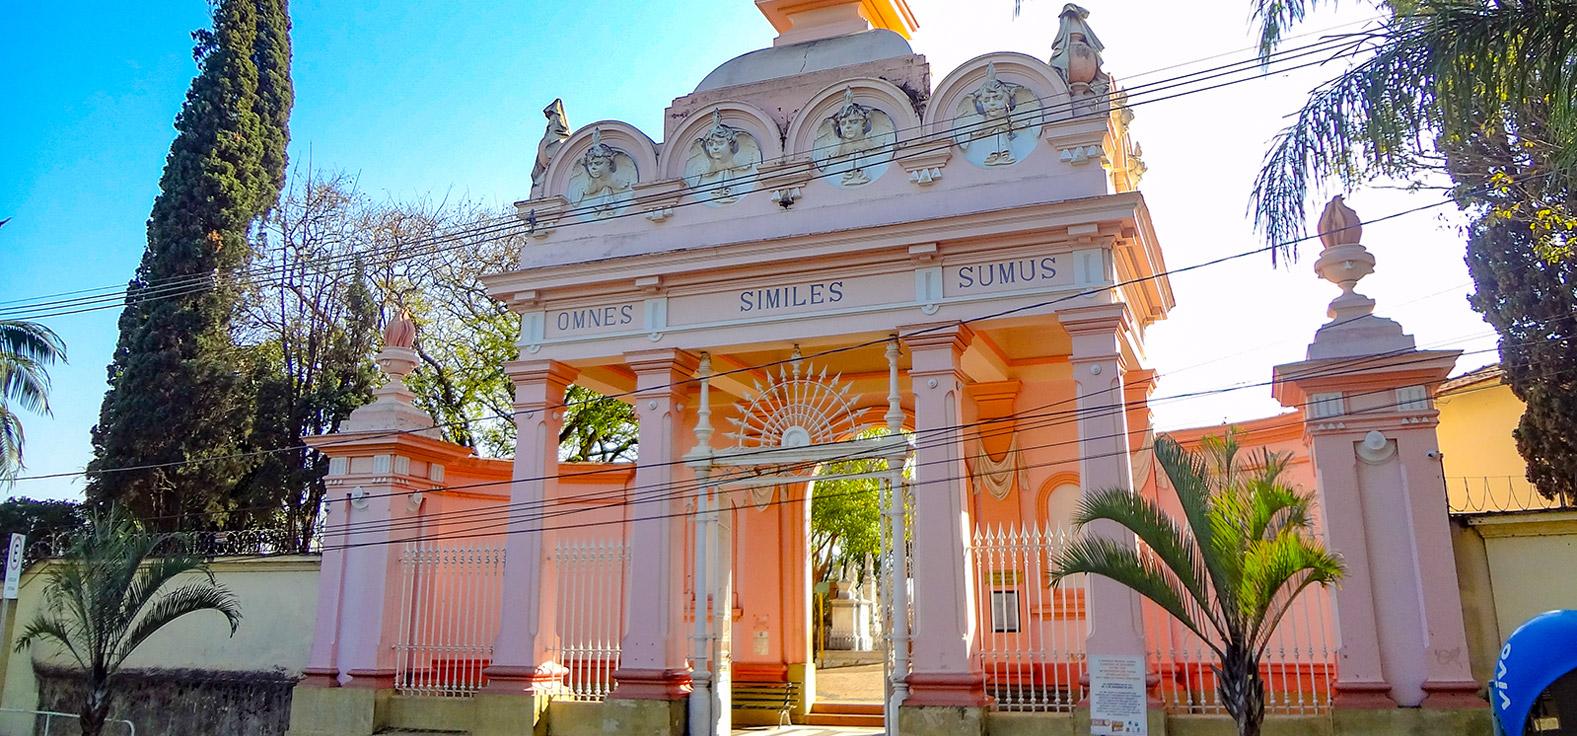 Cemitério da saudade em Piracicaba | Portal Serra do Itaqueri